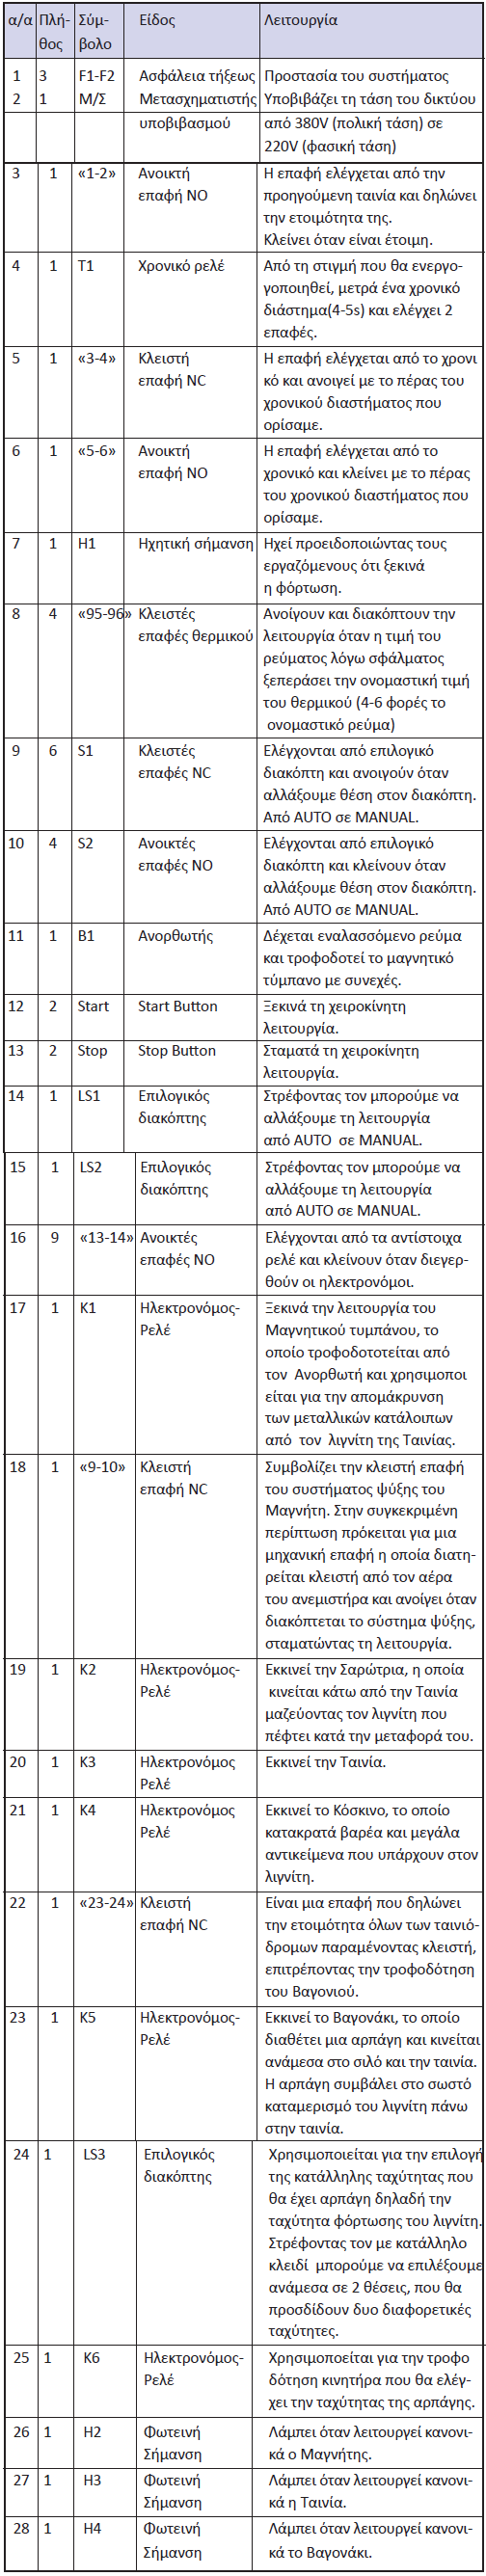 Πίνακας 7.8: Χρησιμοποιούμενες συσκευές και στοιχεία αυτοματισμού